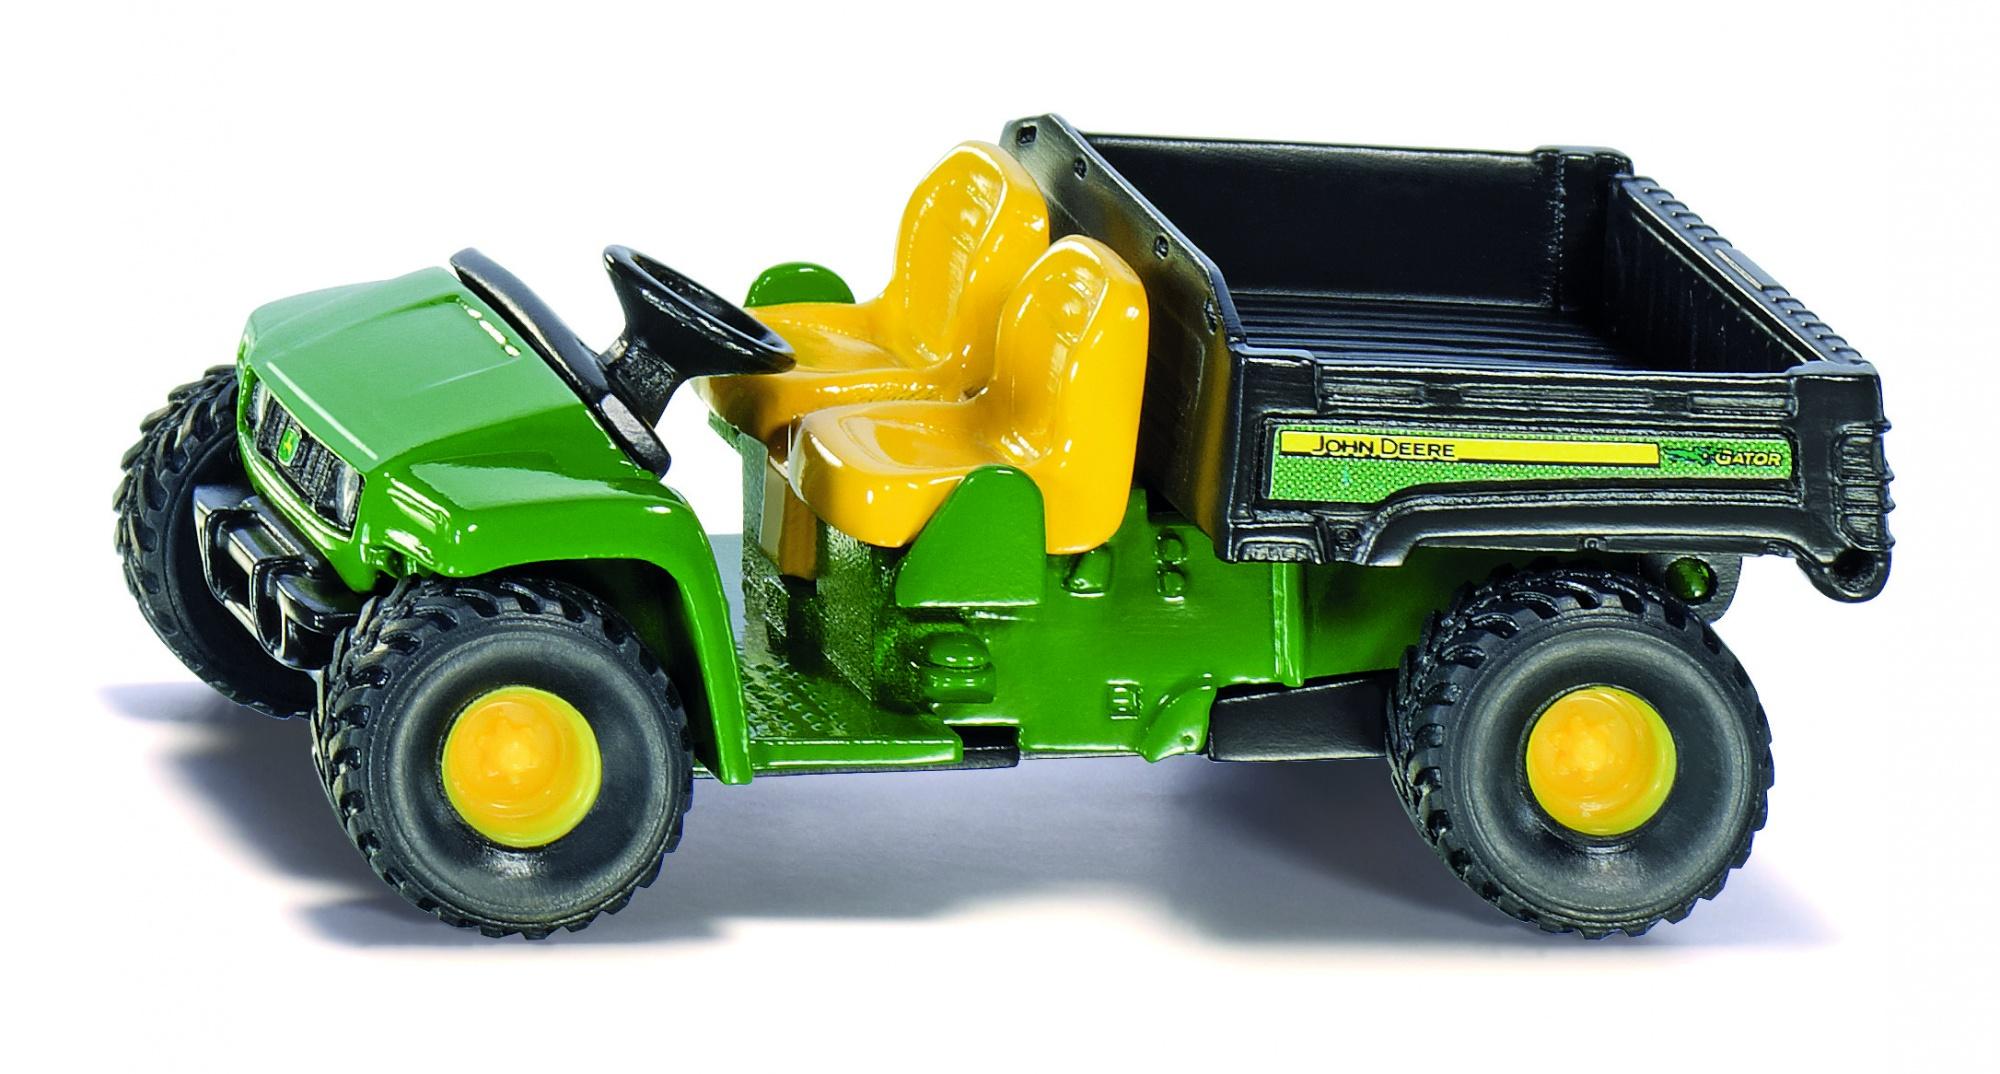 John Deere Gator >> John Deere Gator Green 1481